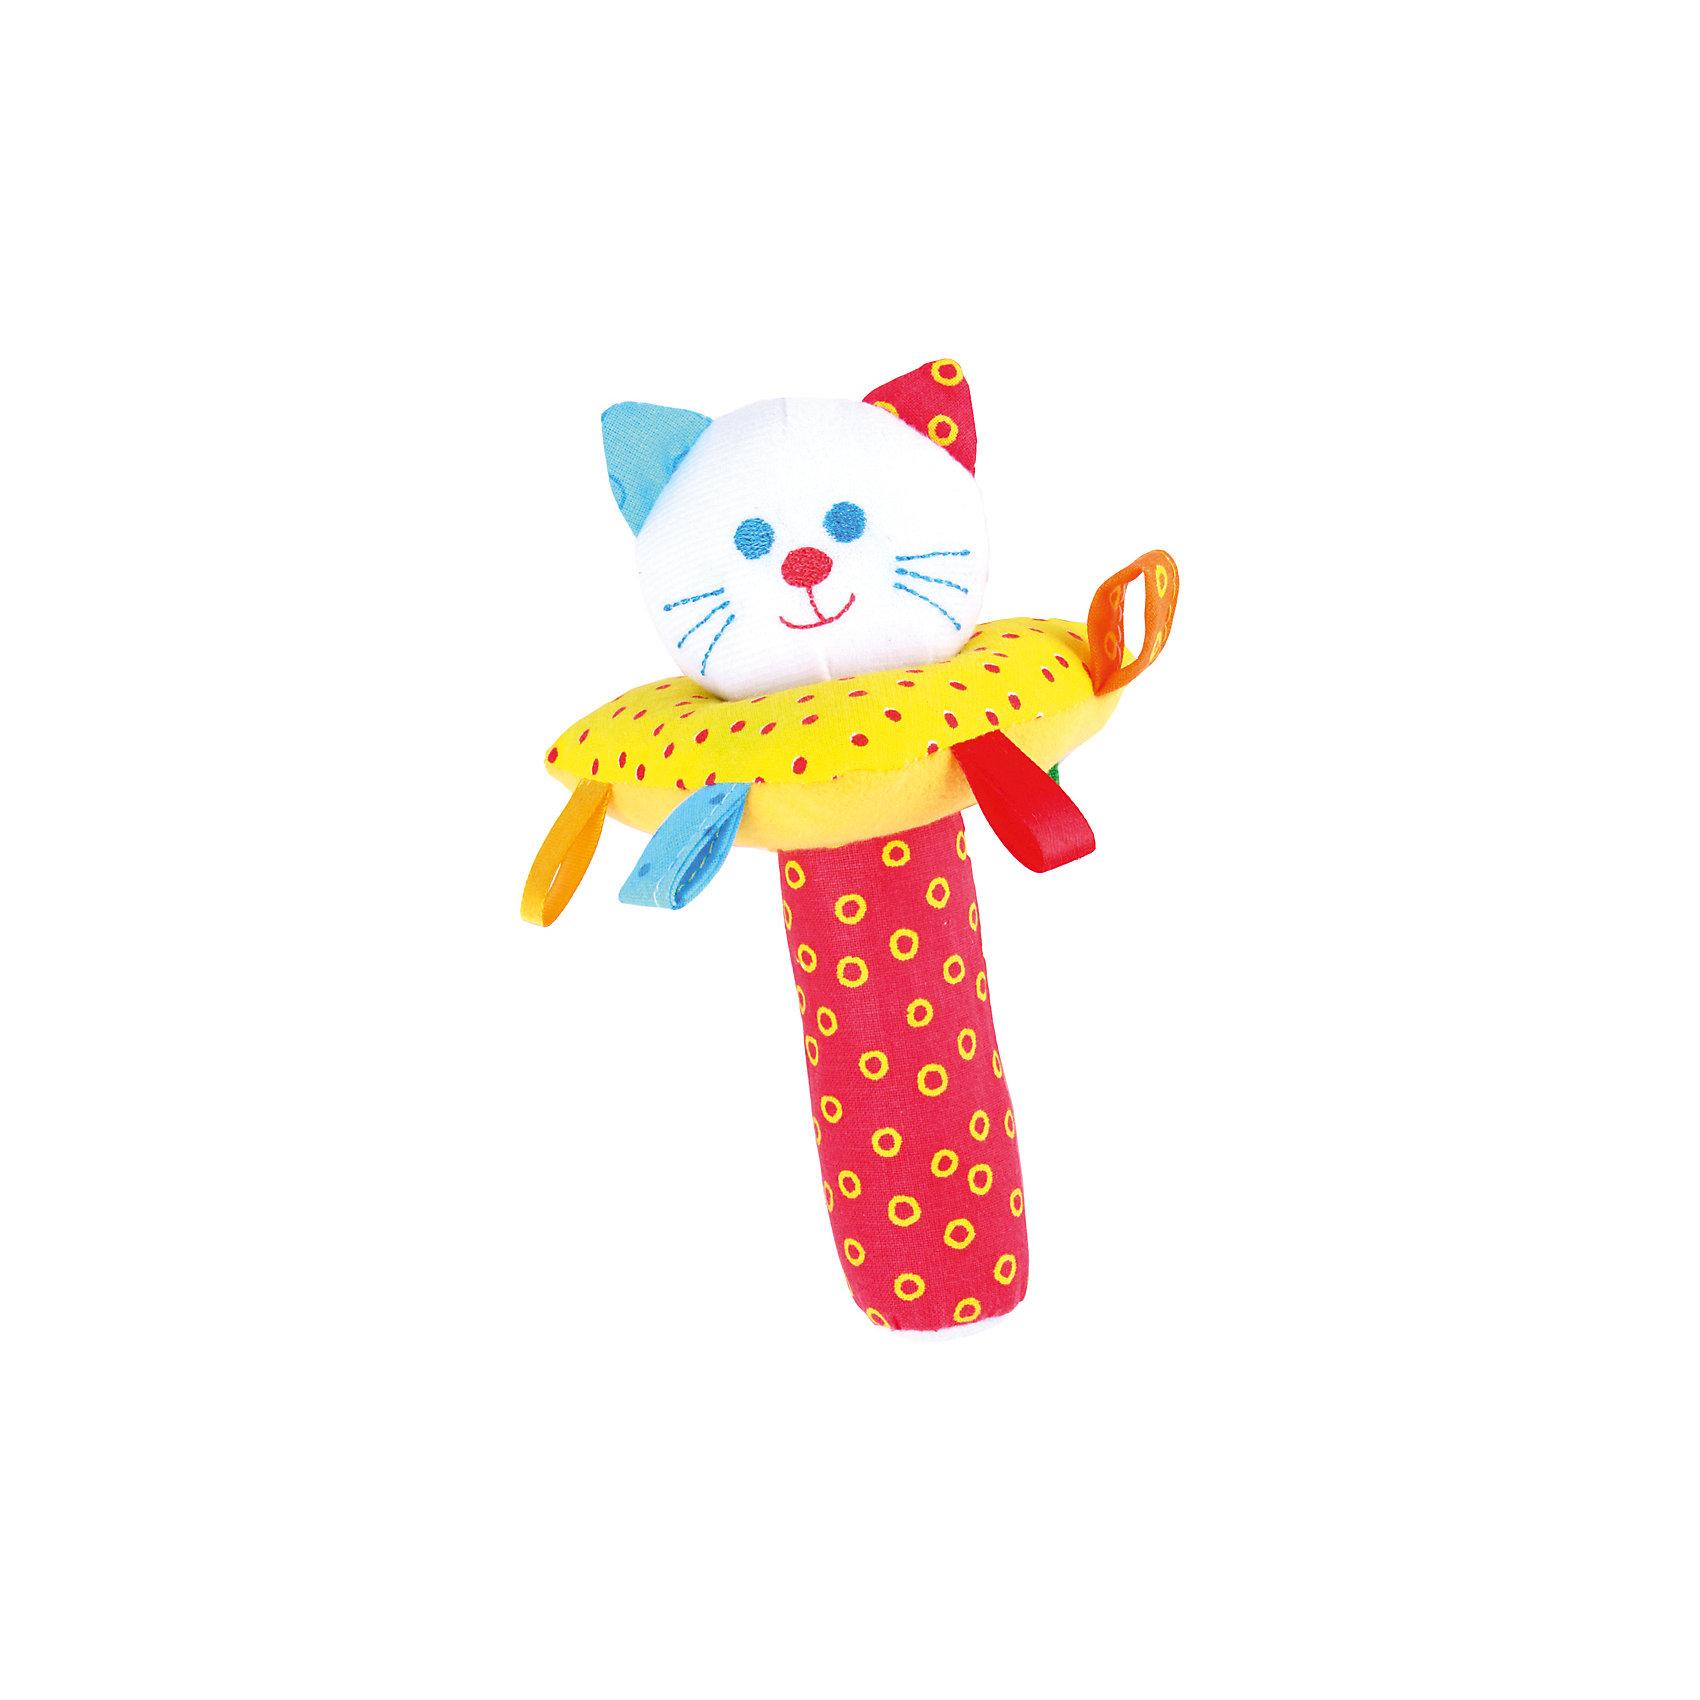 Пирамидка с погремушкой  Котик, МякишиМягкие игрушки<br>Характеристики товара:<br><br>• материал: разнофактурный текстиль, поролон, холлофайбер<br>• комплектация: 1 шт<br>• размер игрушки: 25х15 см<br>• звуковой элемент<br>• пирамидка<br>• развивающая игрушка<br>• упаковка: пакет<br>• страна бренда: РФ<br>• страна изготовитель: РФ<br><br>Малыши активно познают мир и тянутся к новой информации. Чтобы сделать процесс изучения окружающего пространства интереснее, ребенку можно подарить развивающие игрушки. В процессе игры информация усваивается намного лучше!<br>Такие игрушки помогут занять малыша, играть ими приятно и весело. Одновременно они позволят познакомиться со многими цветами, фактурами, а также научиться извлекать звук. Подобные игрушки развивают тактильные ощущения, моторику, цветовосприятие, логику, воображение, учат фокусировать внимание. Каждое изделие абсолютно безопасно – оно создано из качественной ткани с мягким наполнителем. Игрушки производятся из качественных и проверенных материалов, которые безопасны для детей.<br><br>Пирамидку с погремушкой Котик от бренда Мякиши можно купить в нашем интернет-магазине.<br><br>Ширина мм: 200<br>Глубина мм: 150<br>Высота мм: 150<br>Вес г: 50<br>Возраст от месяцев: 12<br>Возраст до месяцев: 36<br>Пол: Унисекс<br>Возраст: Детский<br>SKU: 5183218